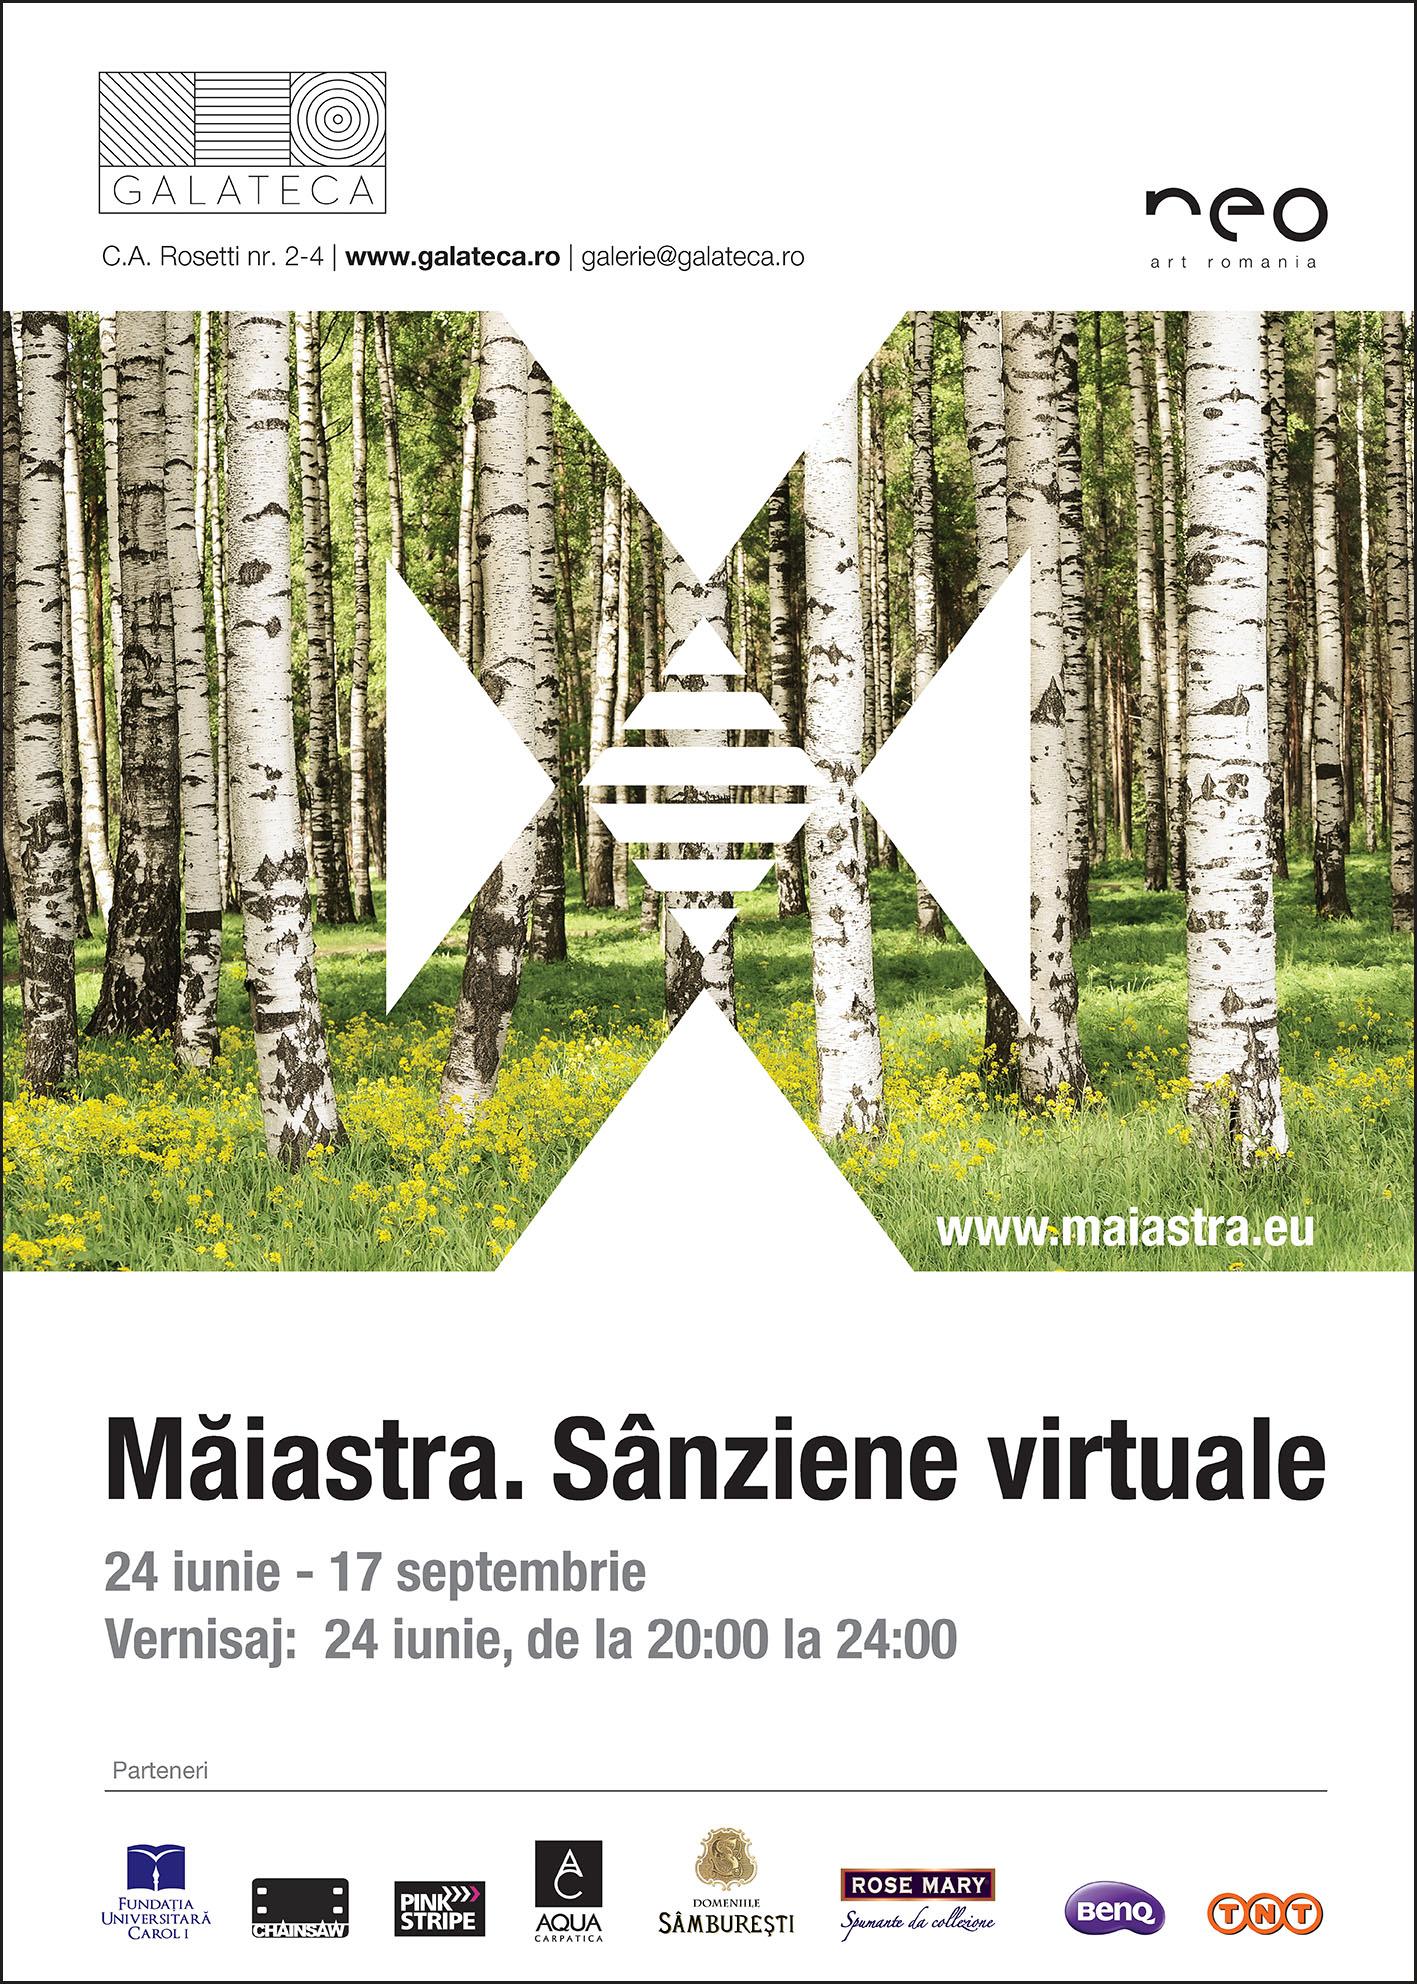 MĂIASTRA. Sânziene virtuale Galeria de artă contemporană şi design GALATECA